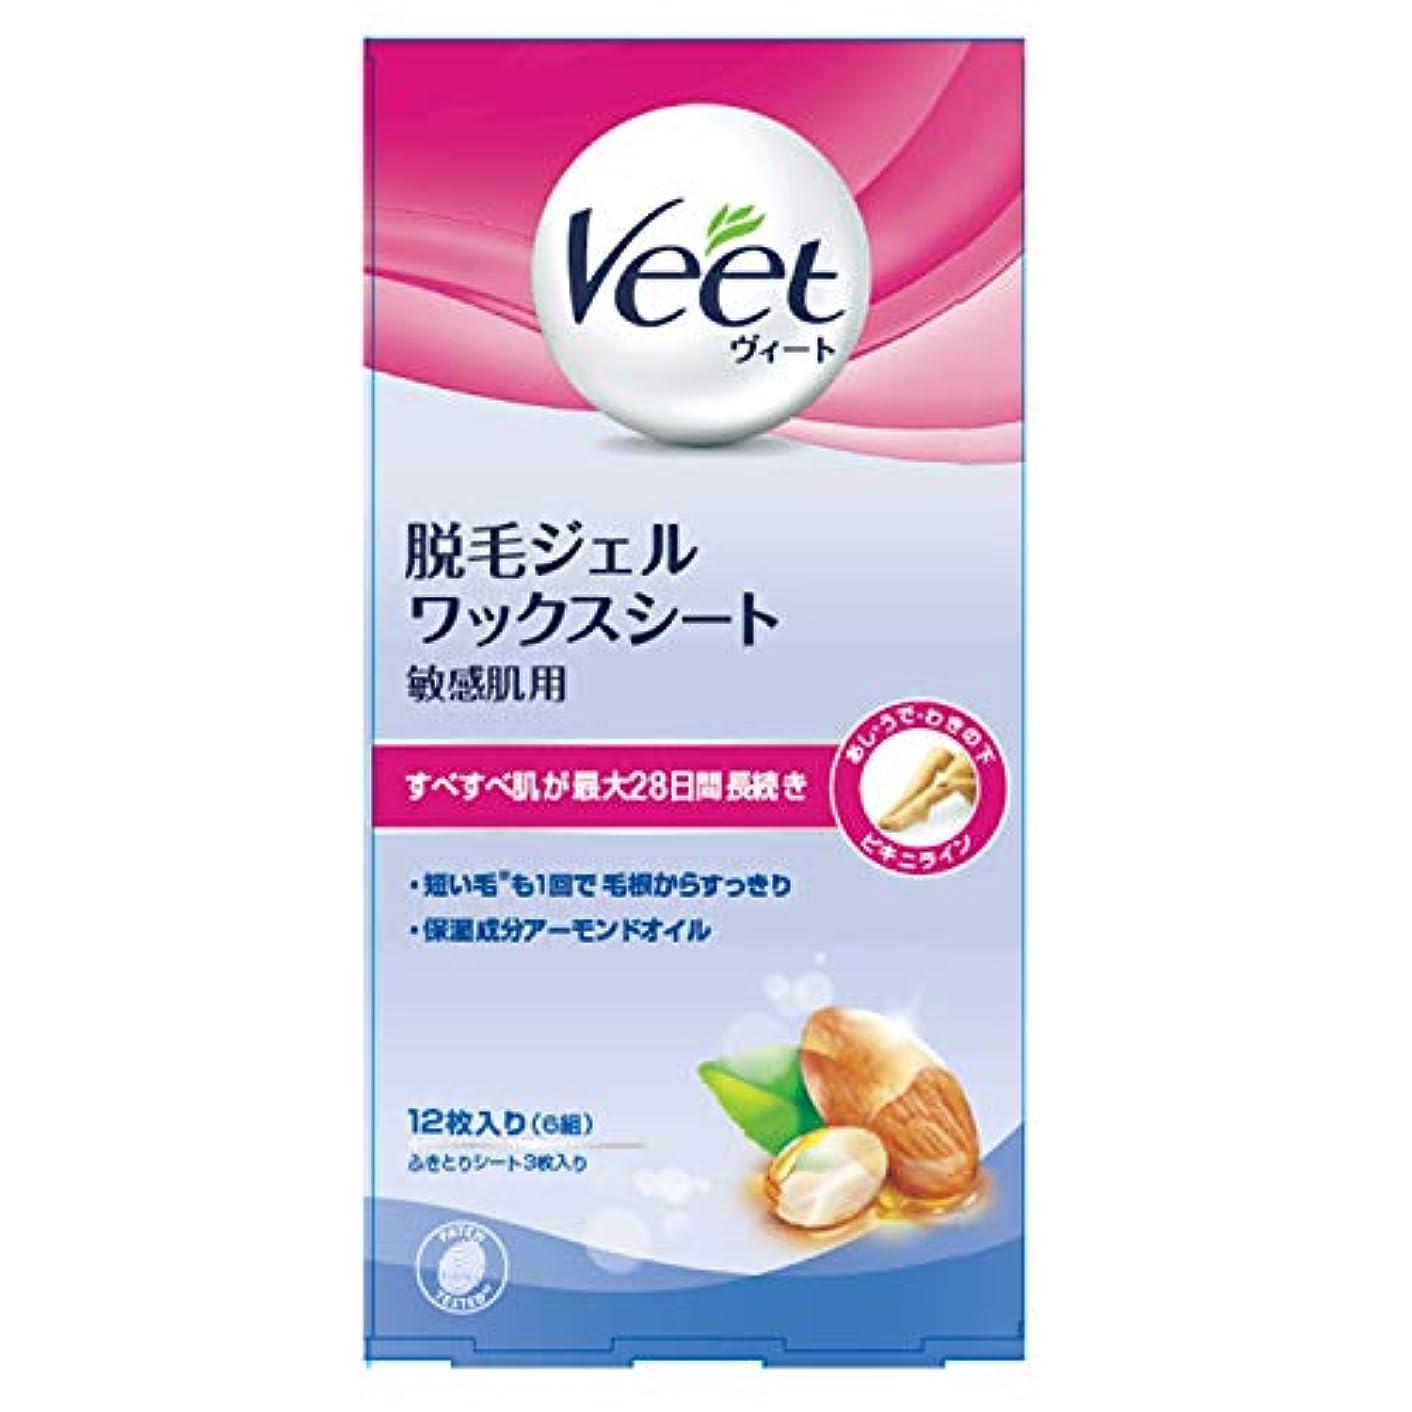 湖後アルカイックヴィート 脱毛ワックスシート 敏感肌用 (Veet Wax Strips Sensitive)